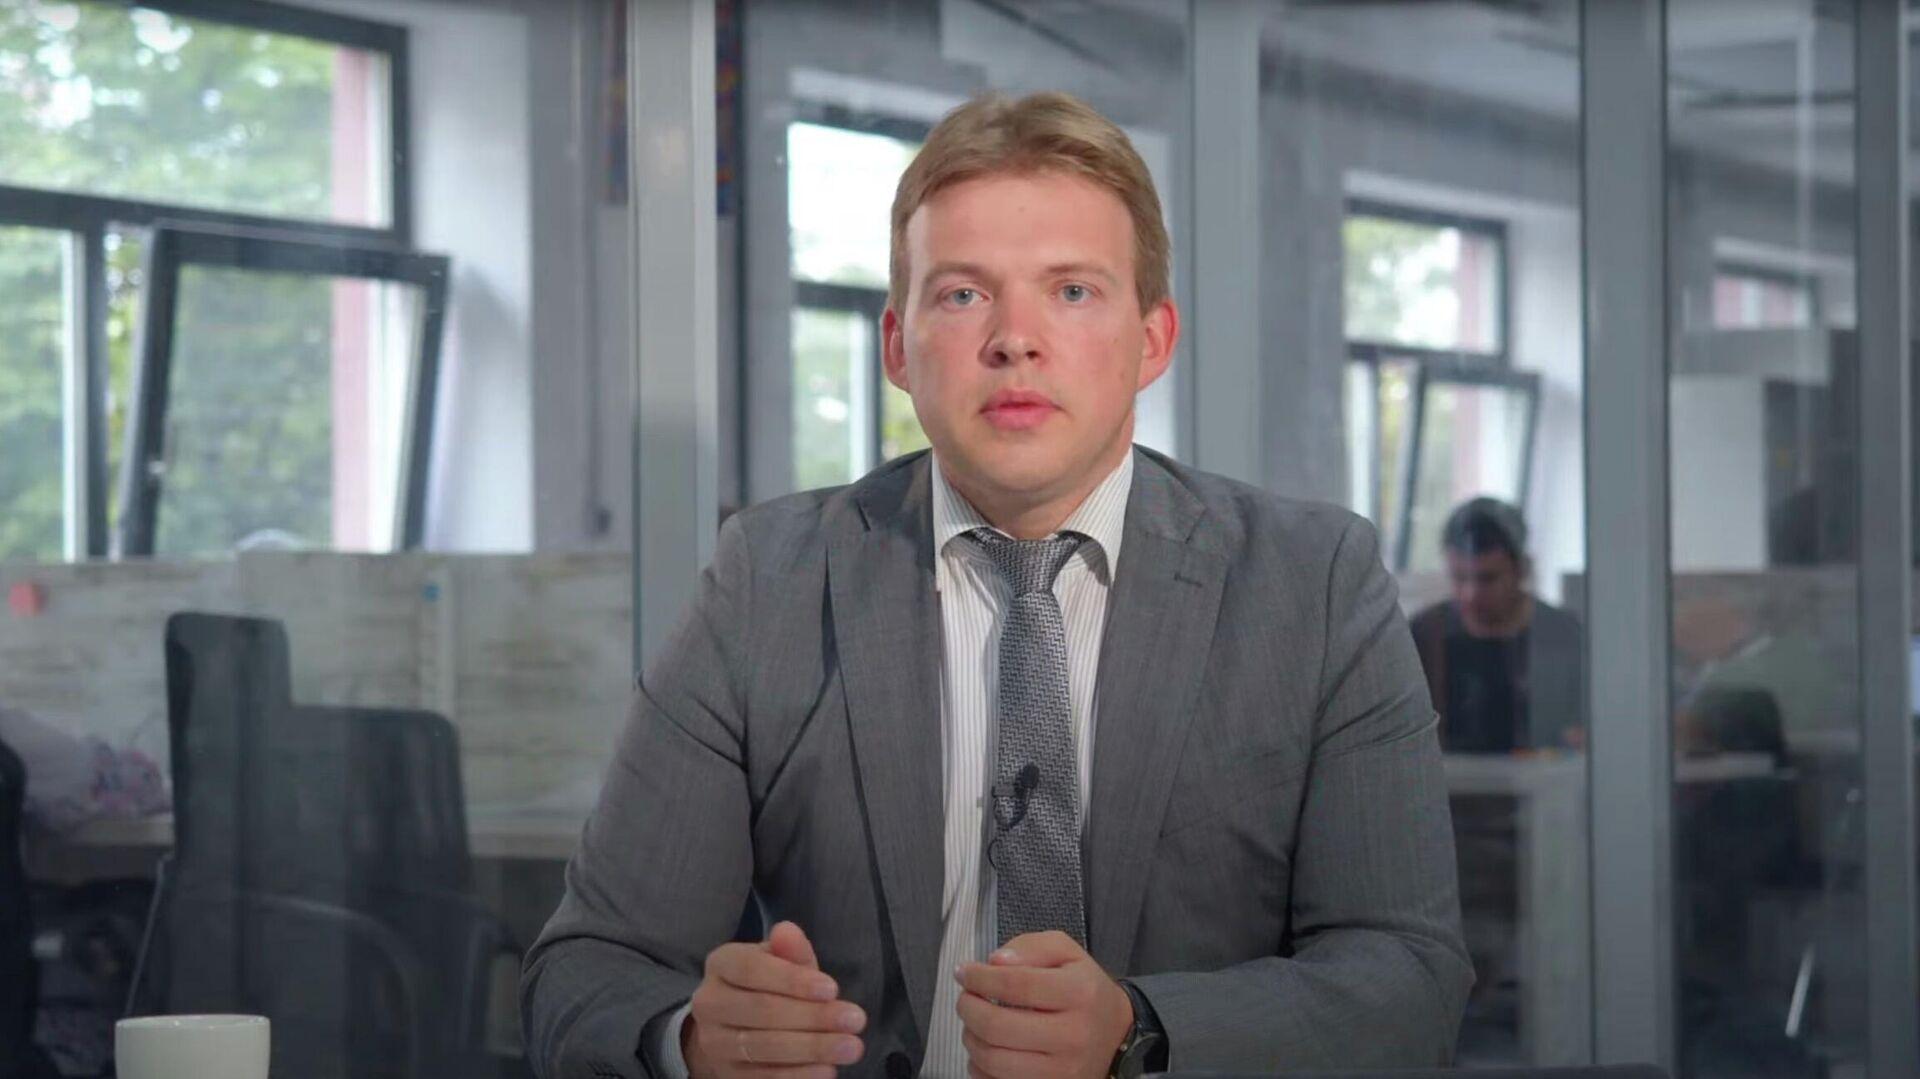 Скриншот видео от юриста Максима Знака - РИА Новости, 1920, 18.09.2020